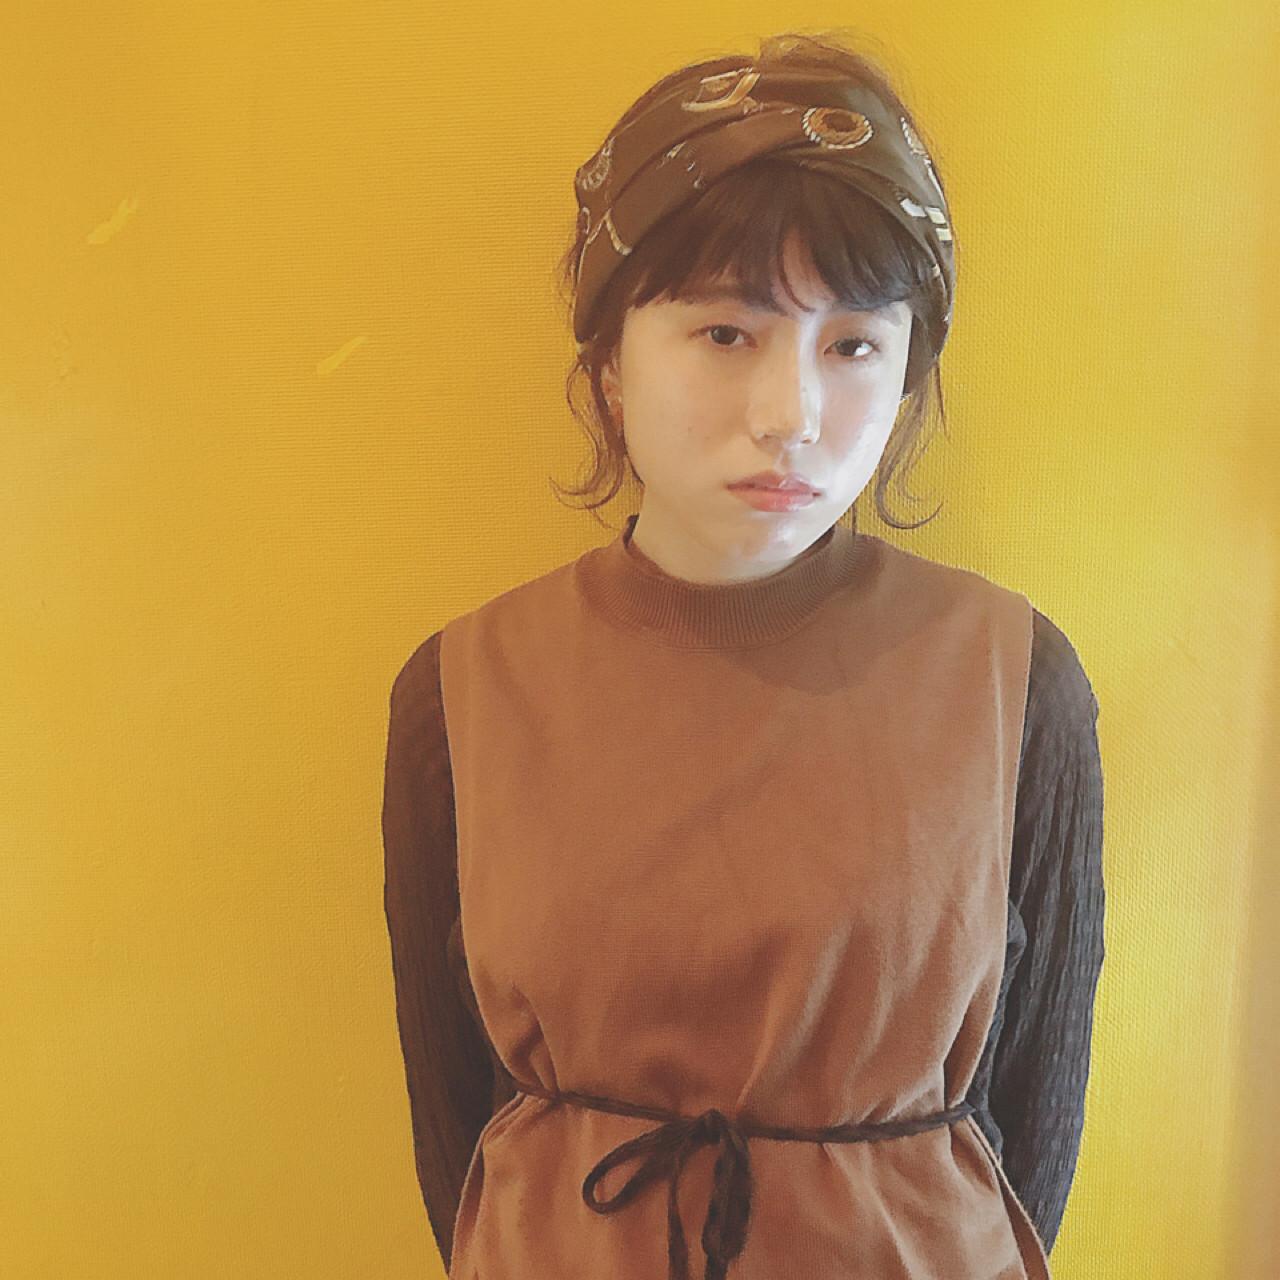 バンダナ 簡単ヘアアレンジ ヘアアレンジ ボブ ヘアスタイルや髪型の写真・画像